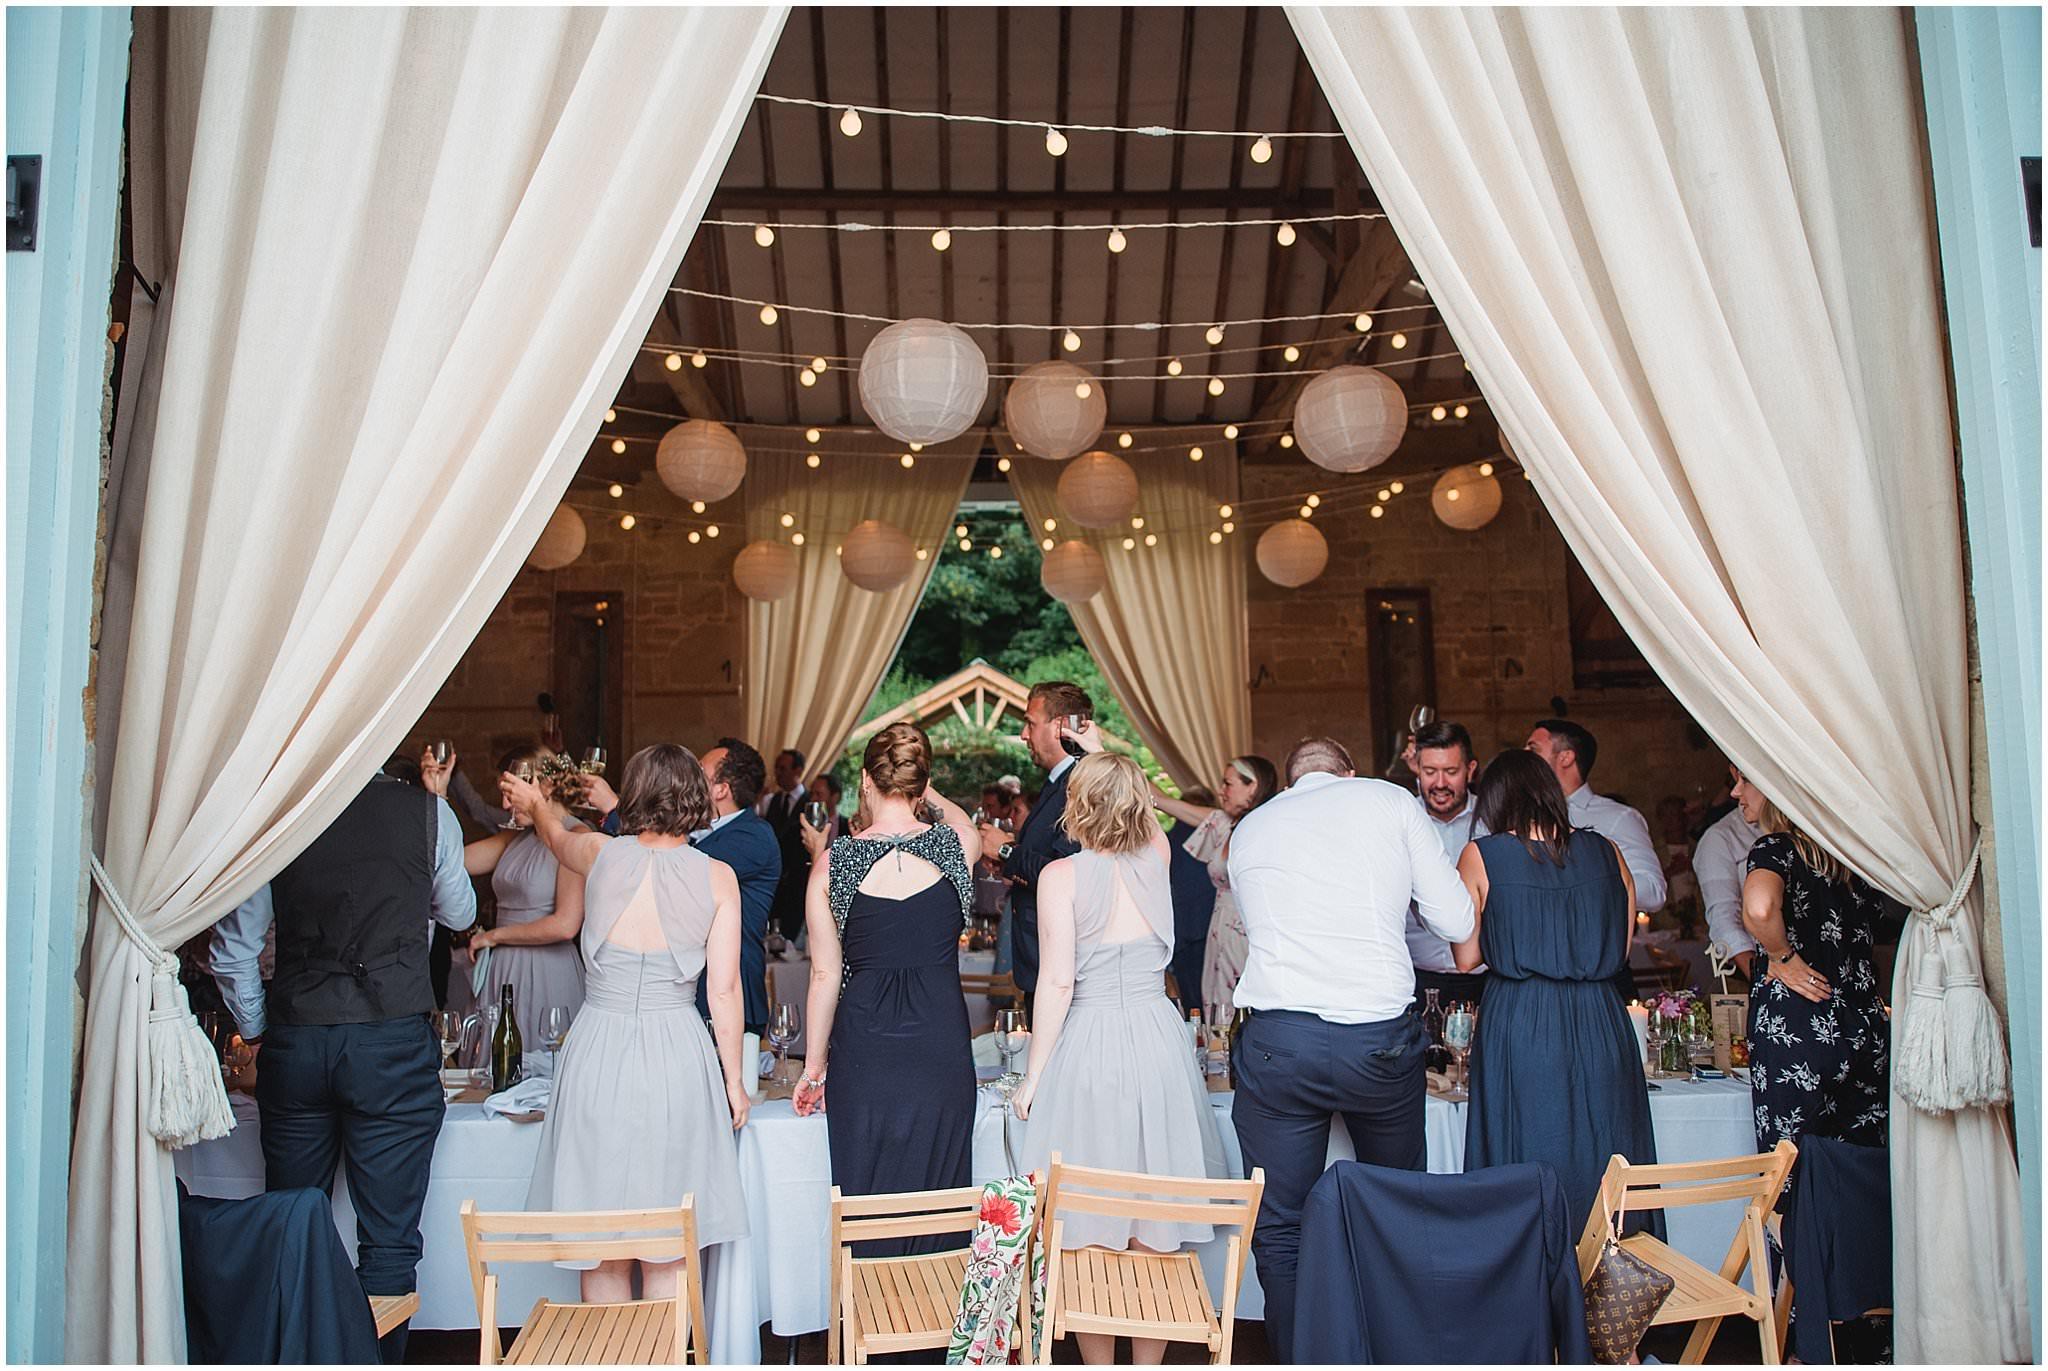 fay & tim wedding at ashley wood farm_0491